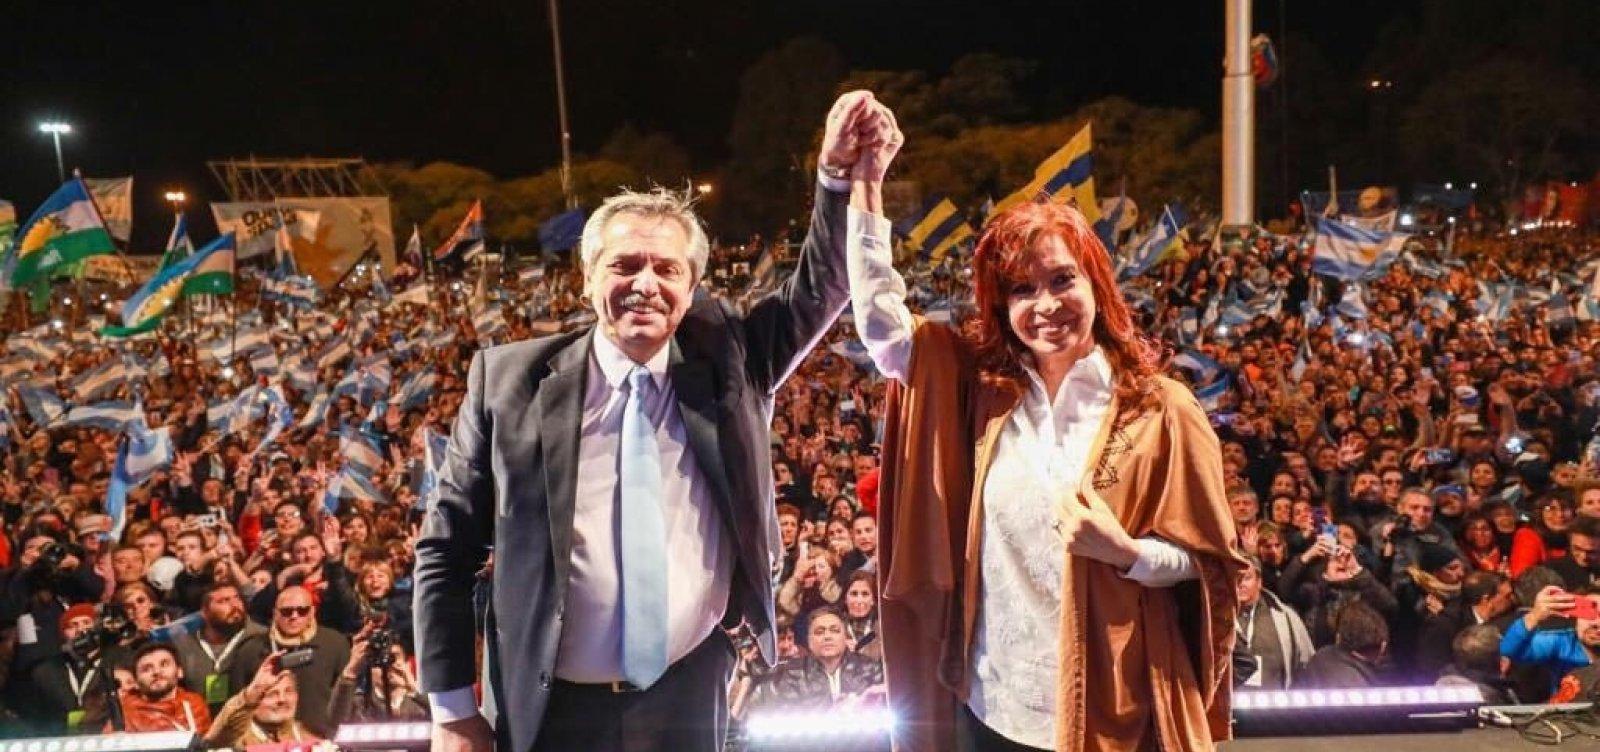 ['Racista, misógino, violento', diz candidato da oposição argentina sobre Bolsonaro]